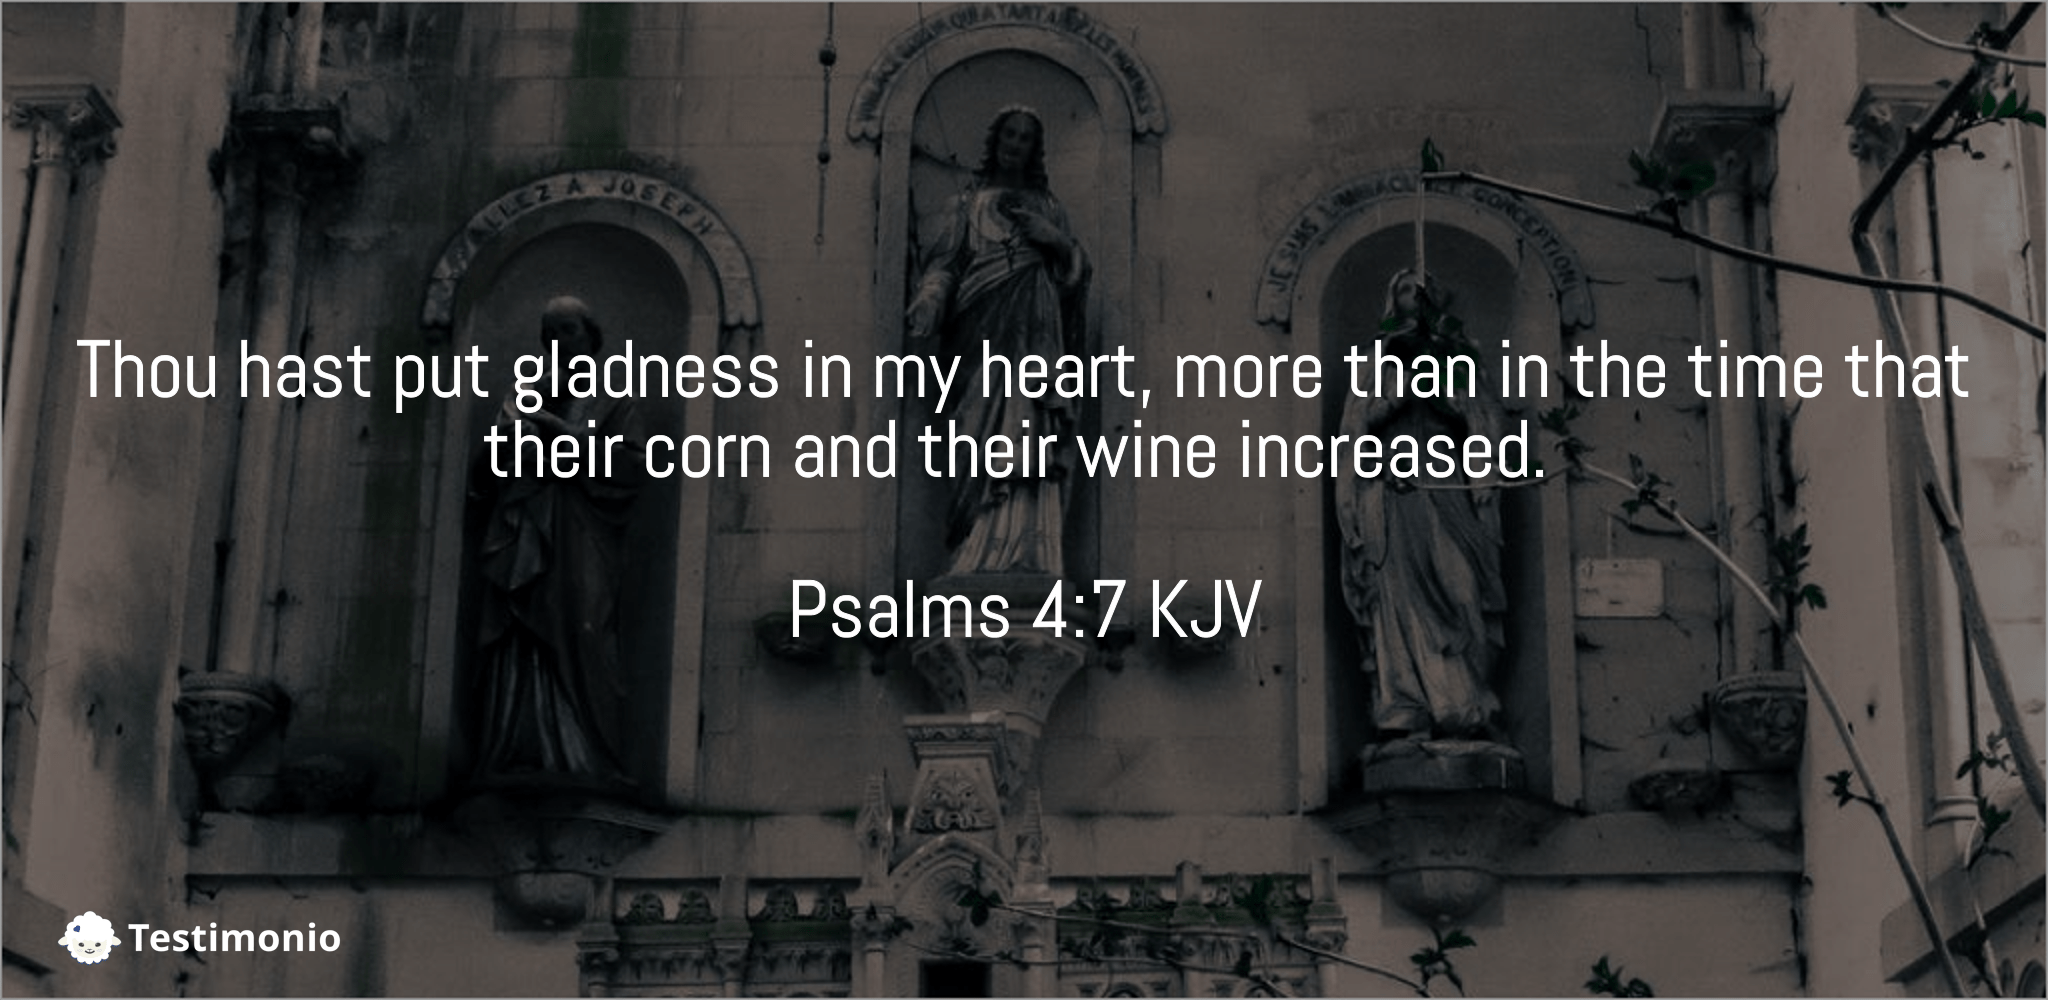 Psalms 4:7